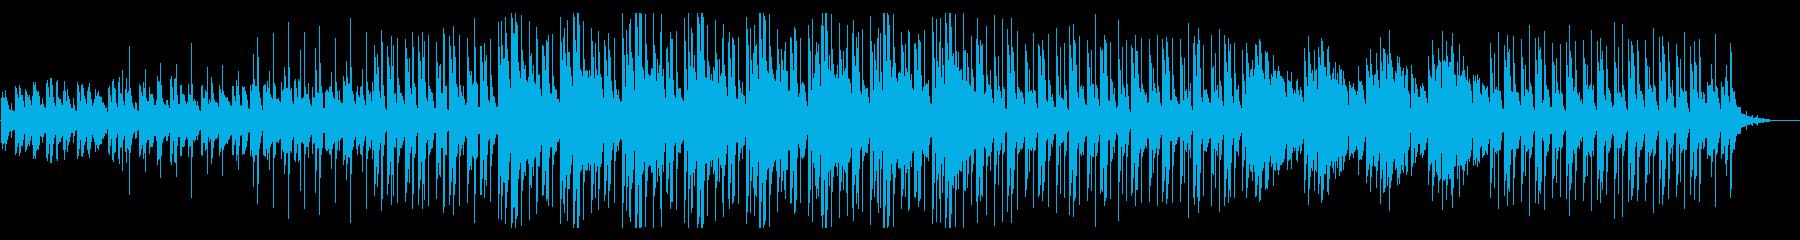 科学・医療番組の検証、解説向けのBGMの再生済みの波形